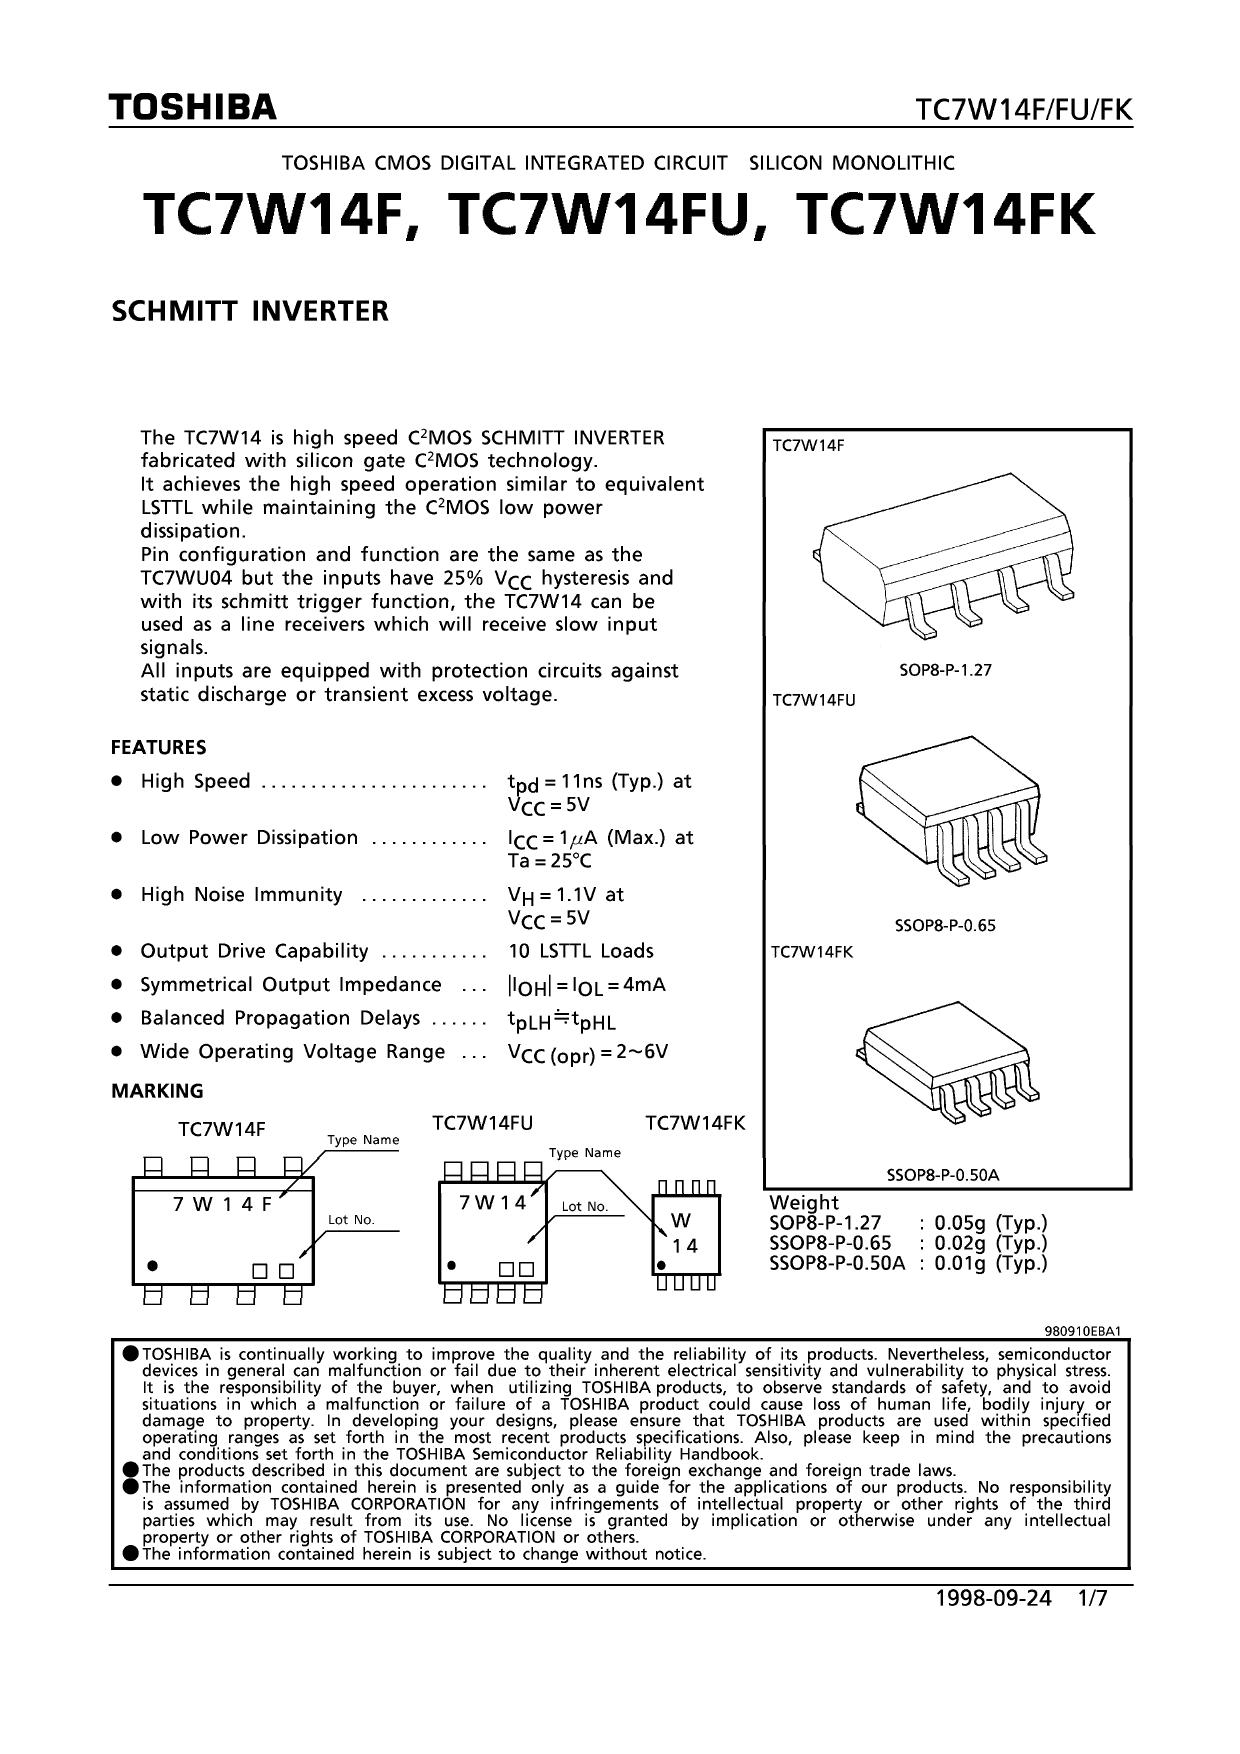 TC7W14FK دیتاشیت PDF